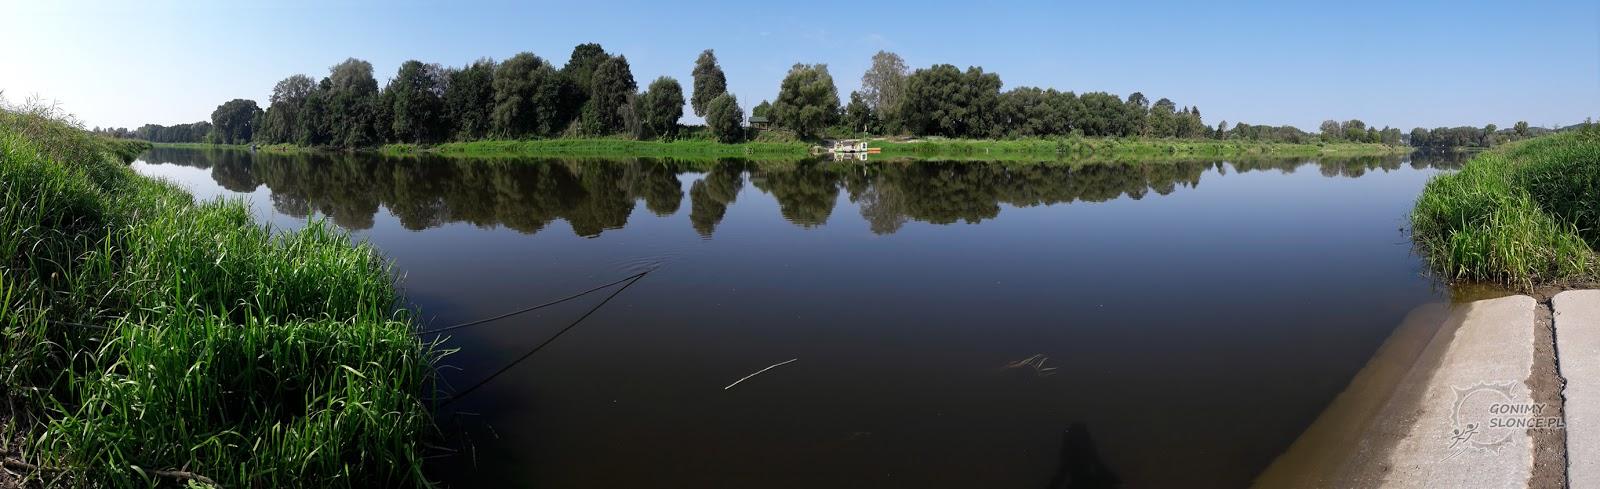 Przystań promowa Zabuże-Mielnik, rzeka Bug